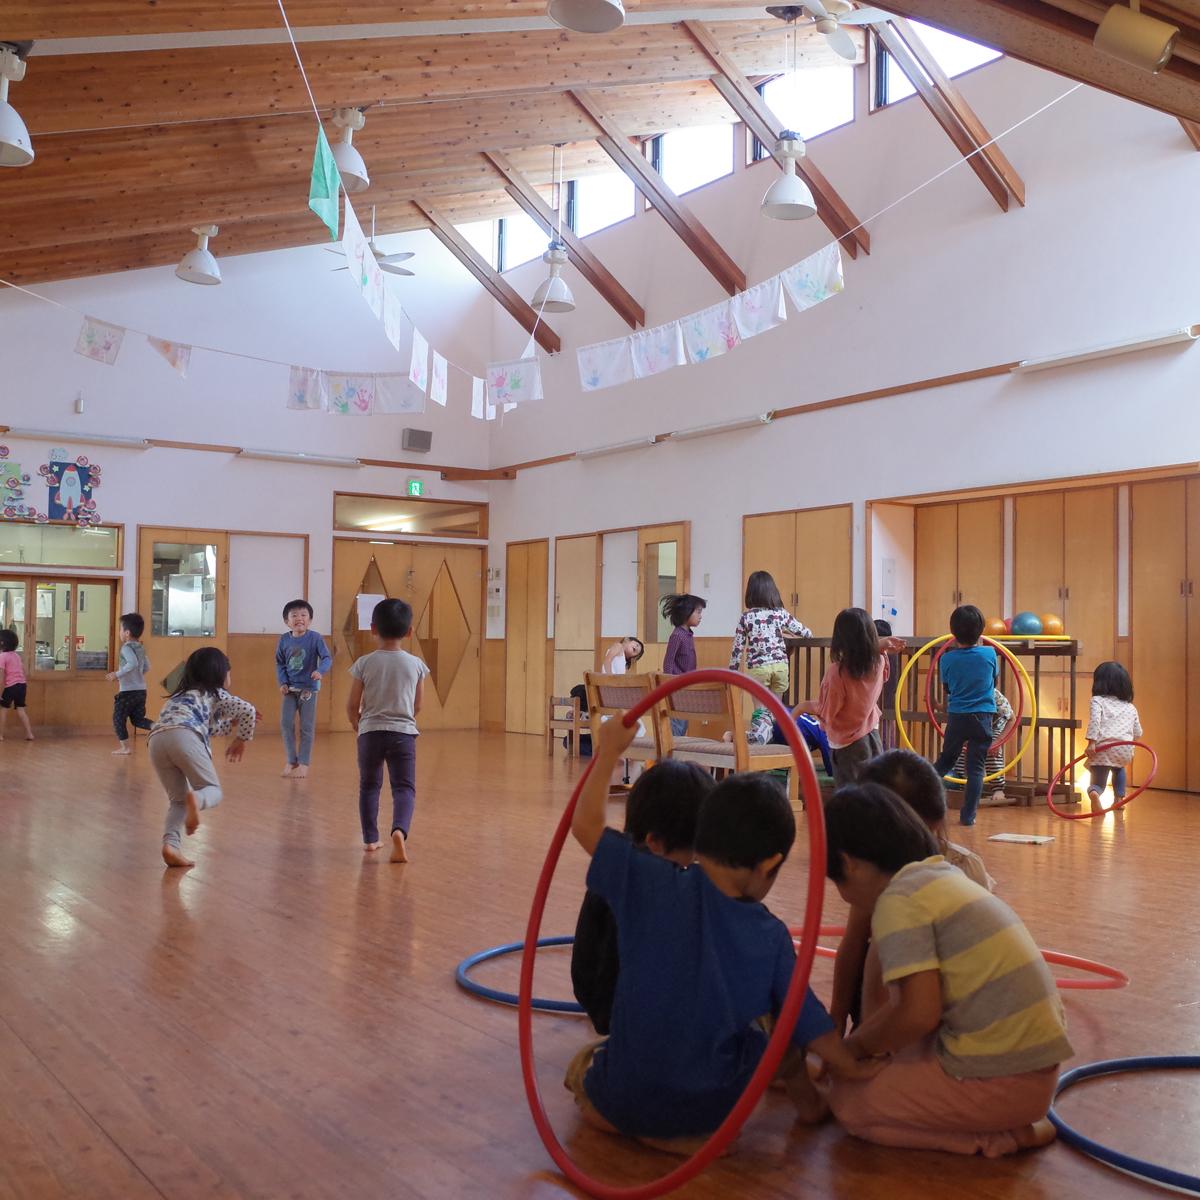 所沢市のあかね保育園の園舎のホールの画像